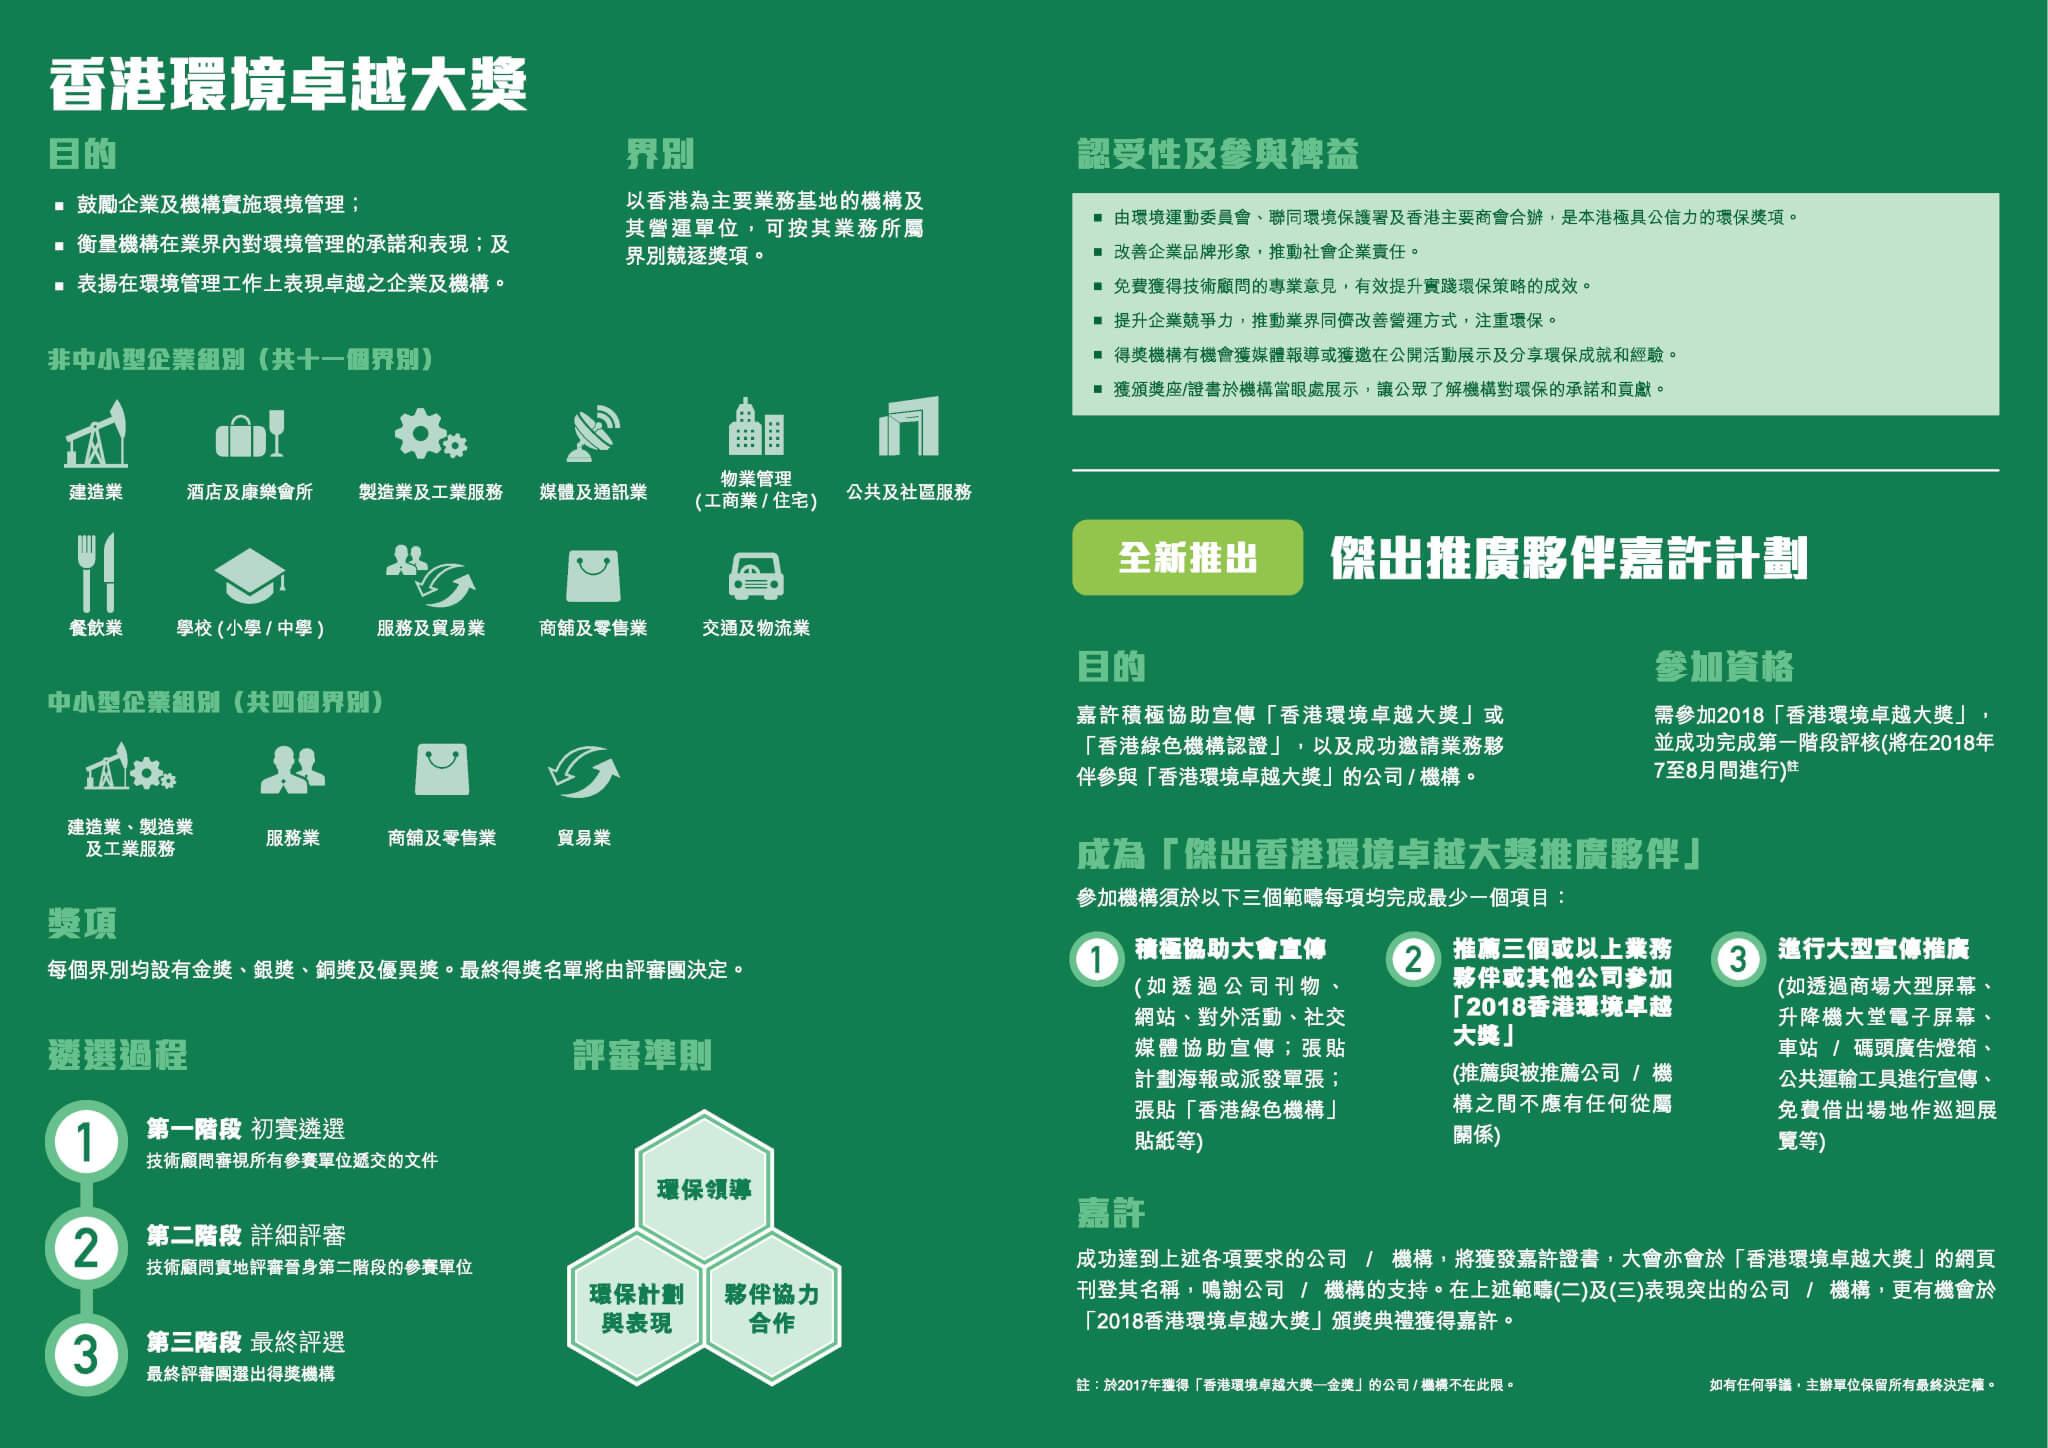 2018 HKAEE GIA_Chi_Leaflet-page-002